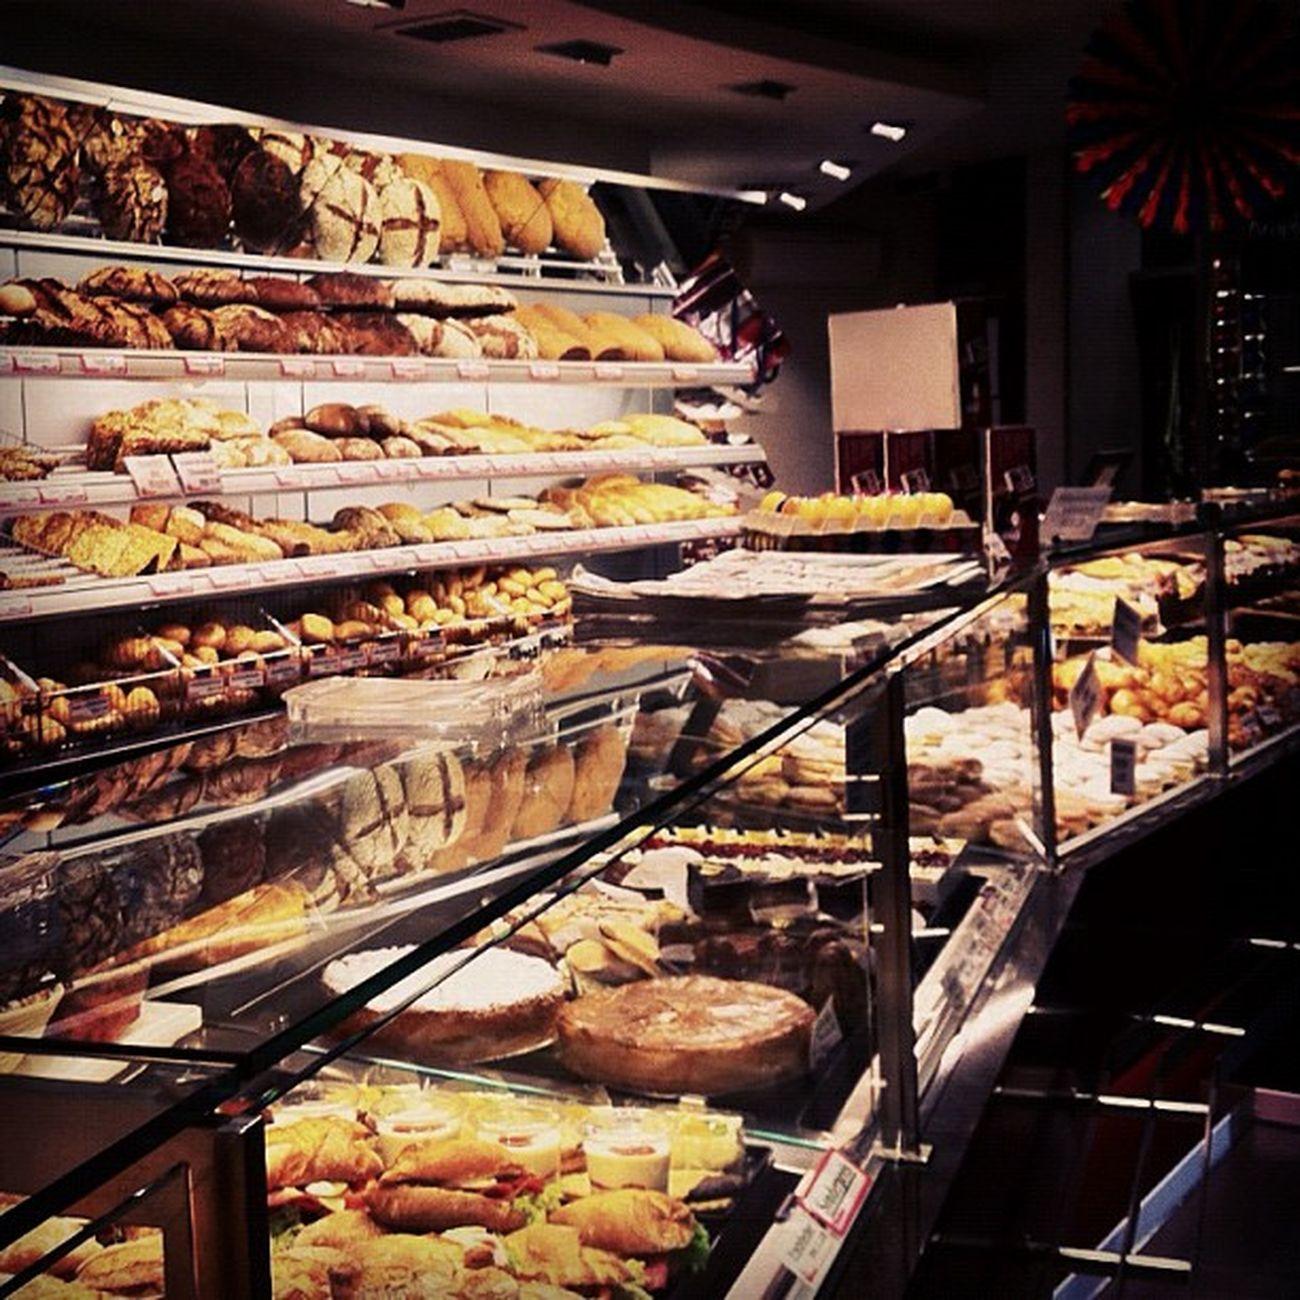 German bakery